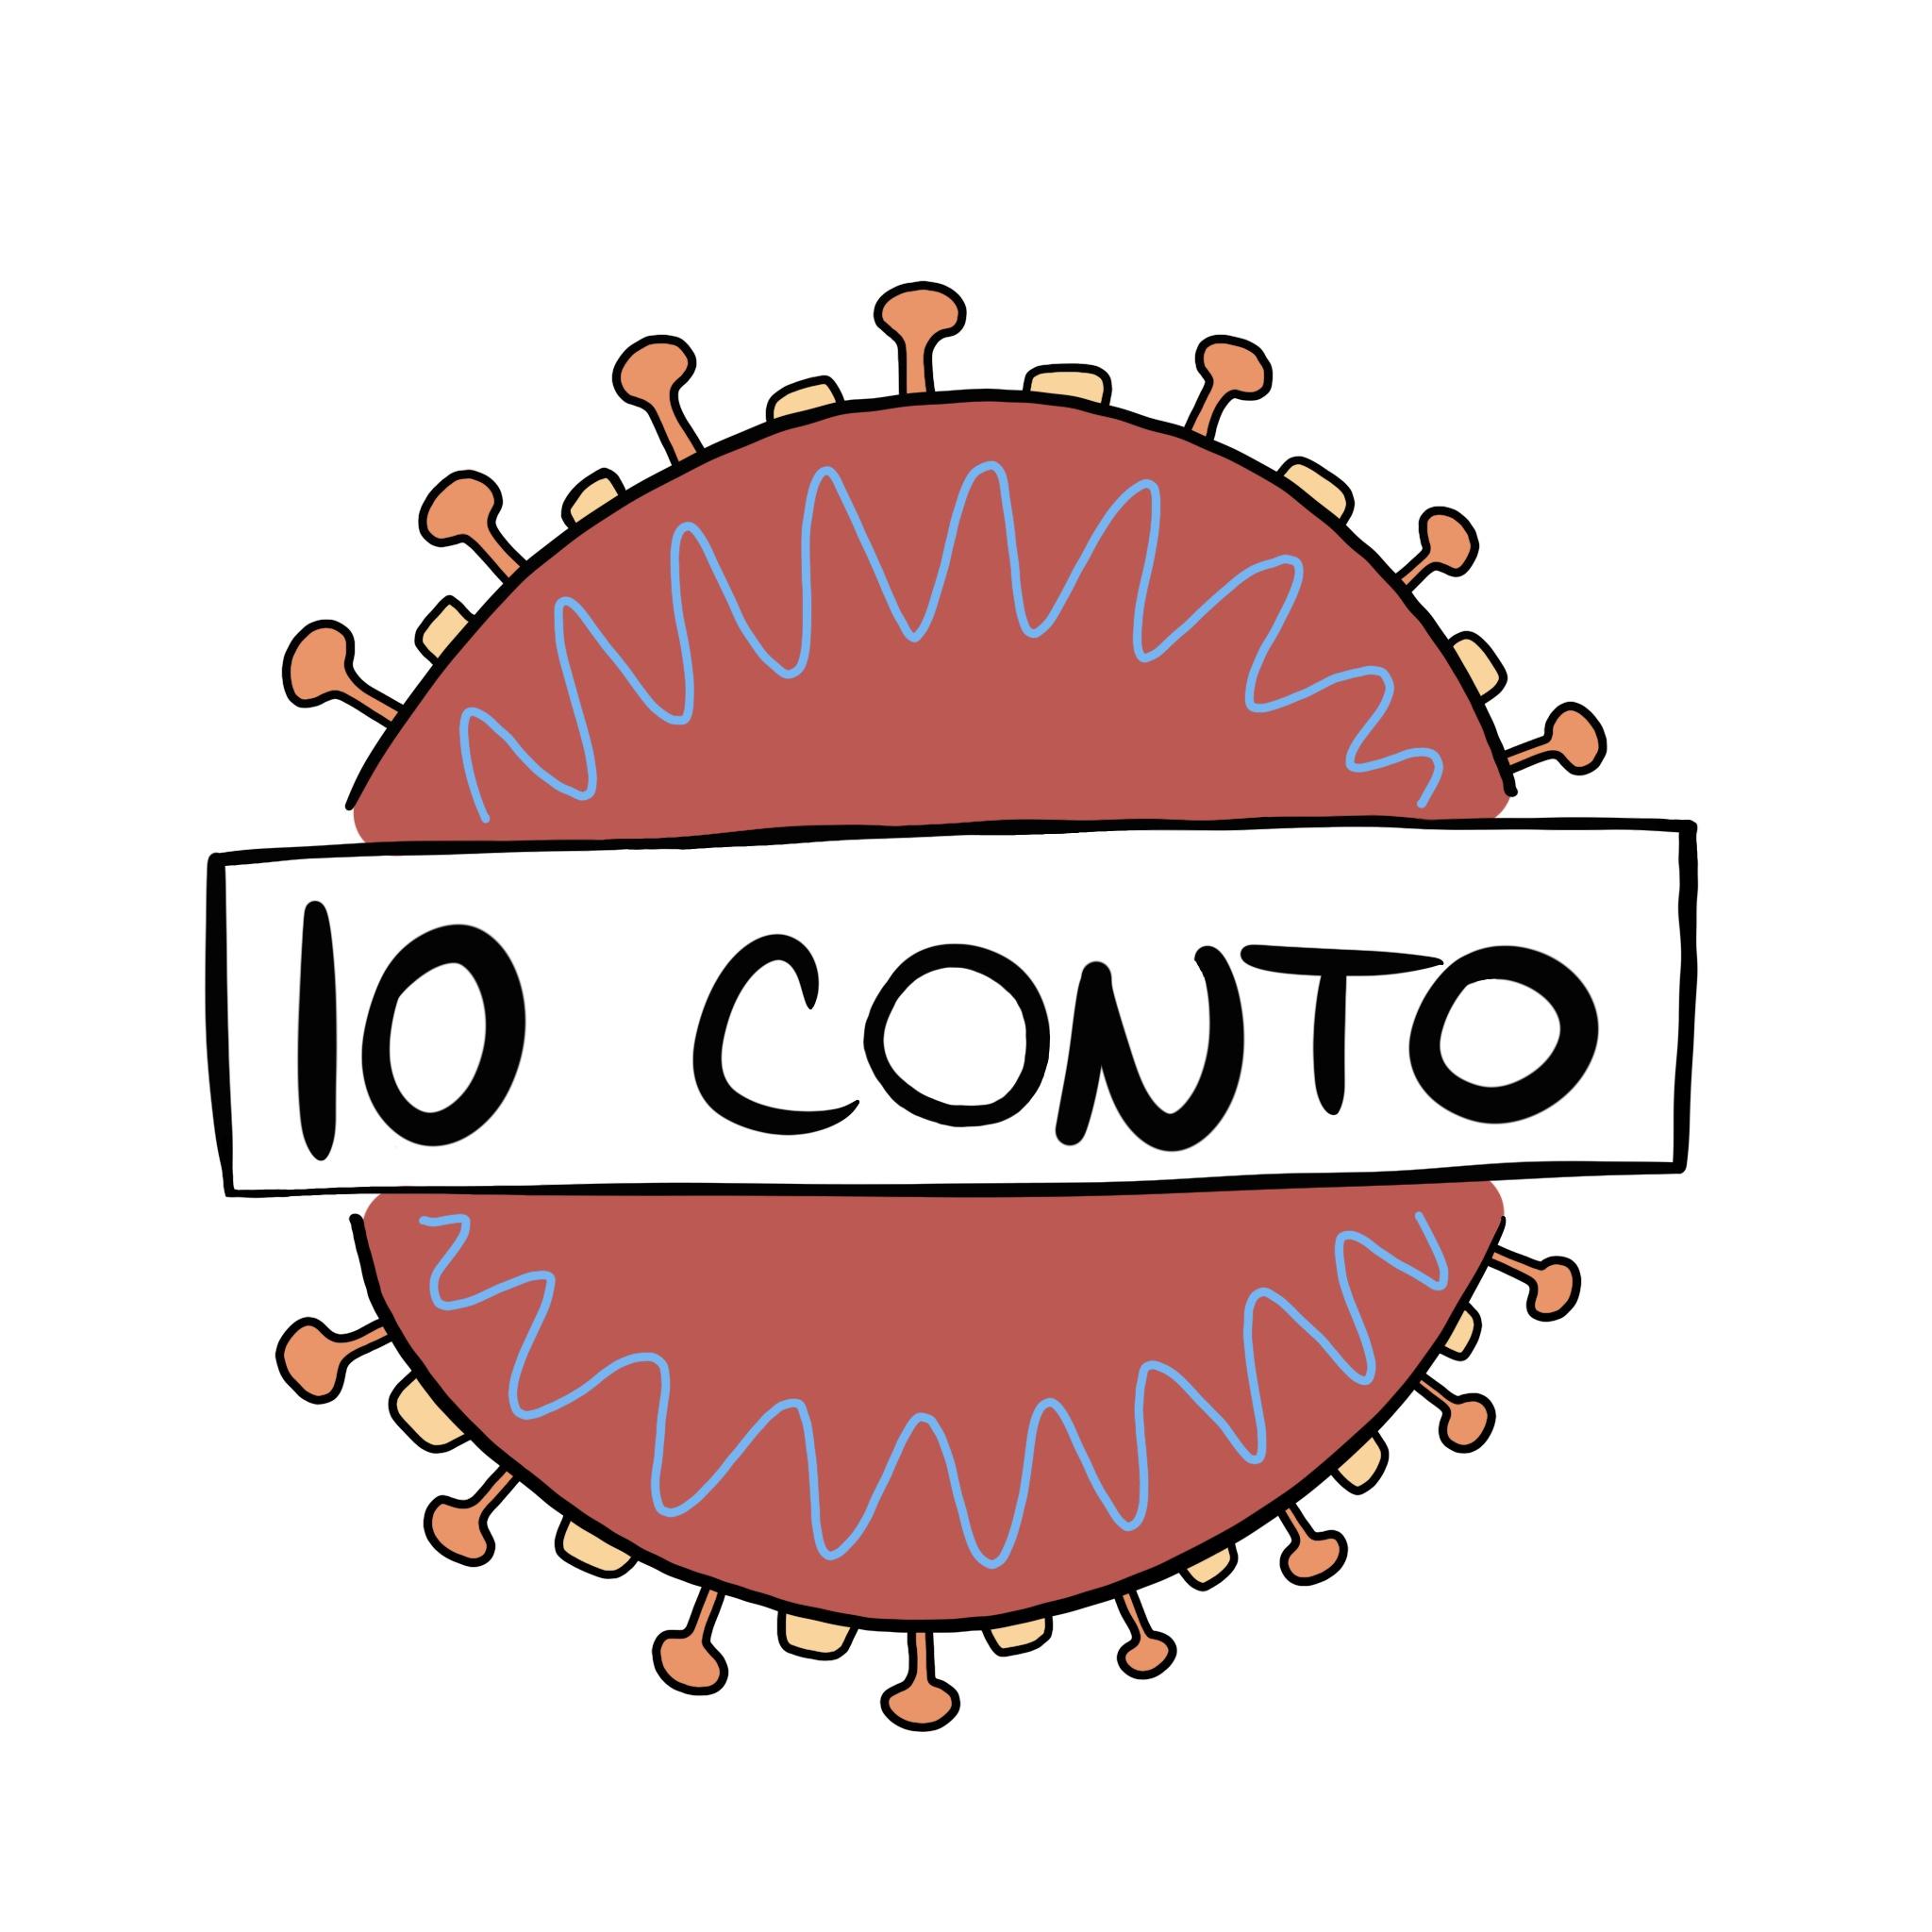 IO CONTO 2020